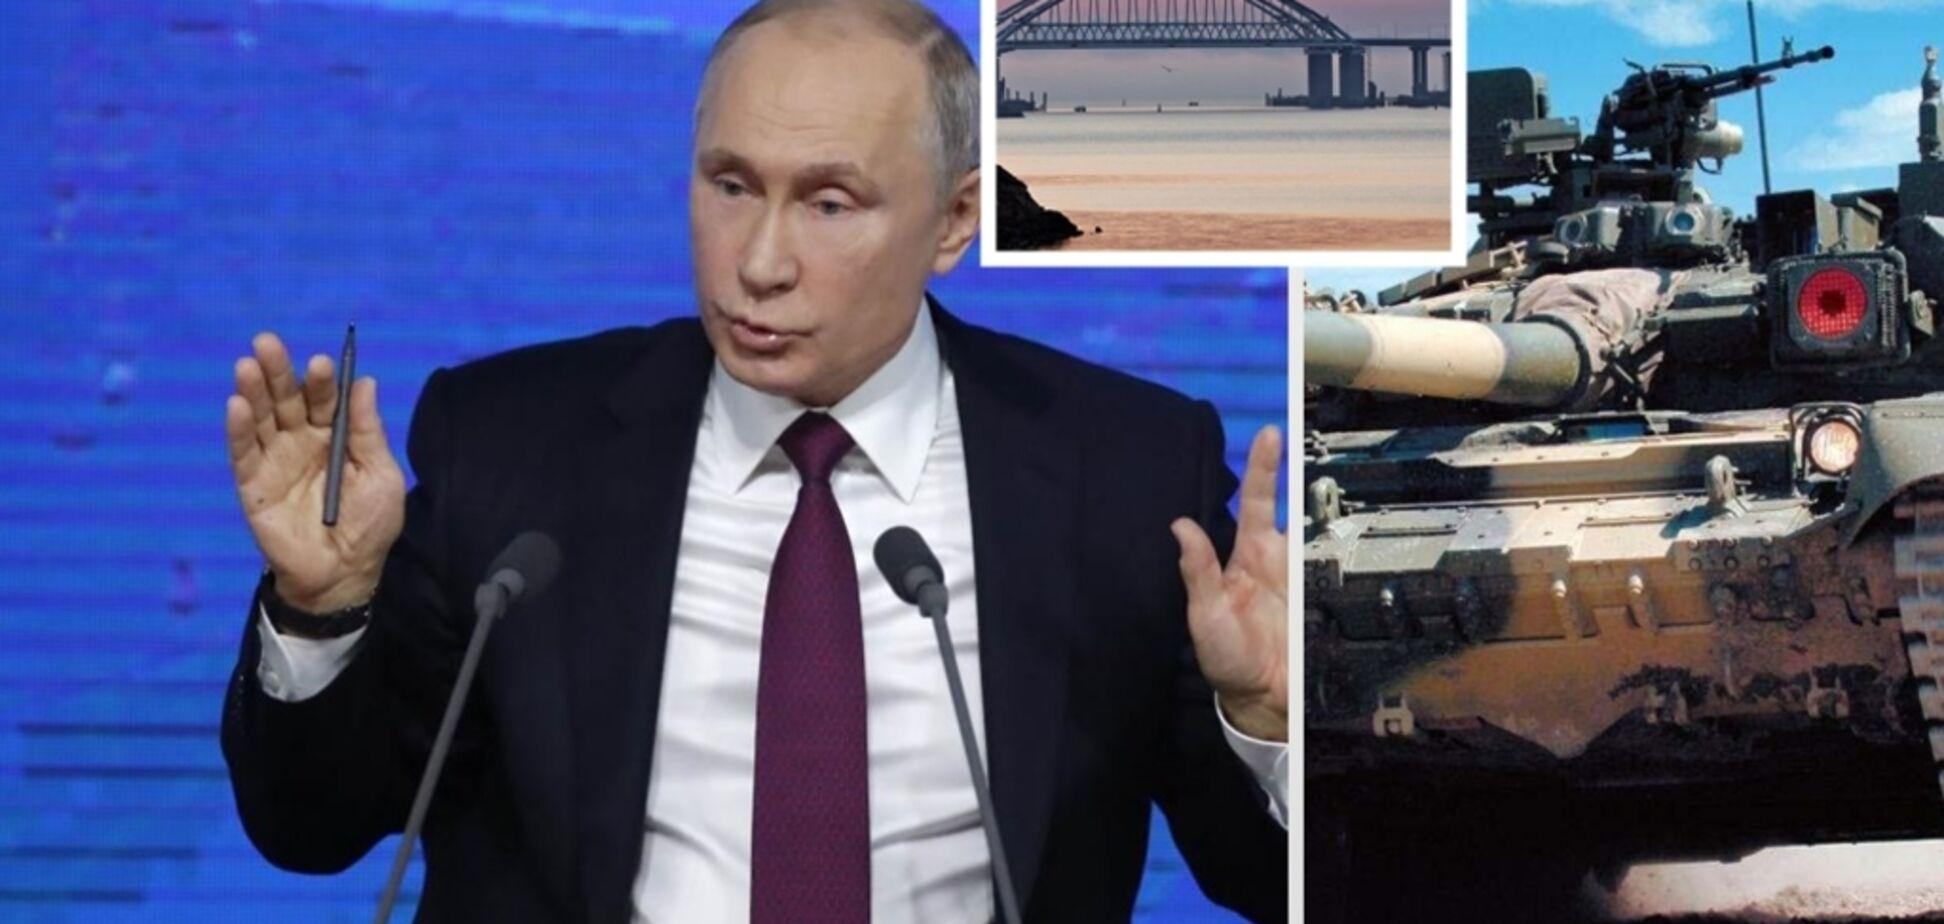 Едущие российские танки не остановят никакие санкции – экс-советник Путина